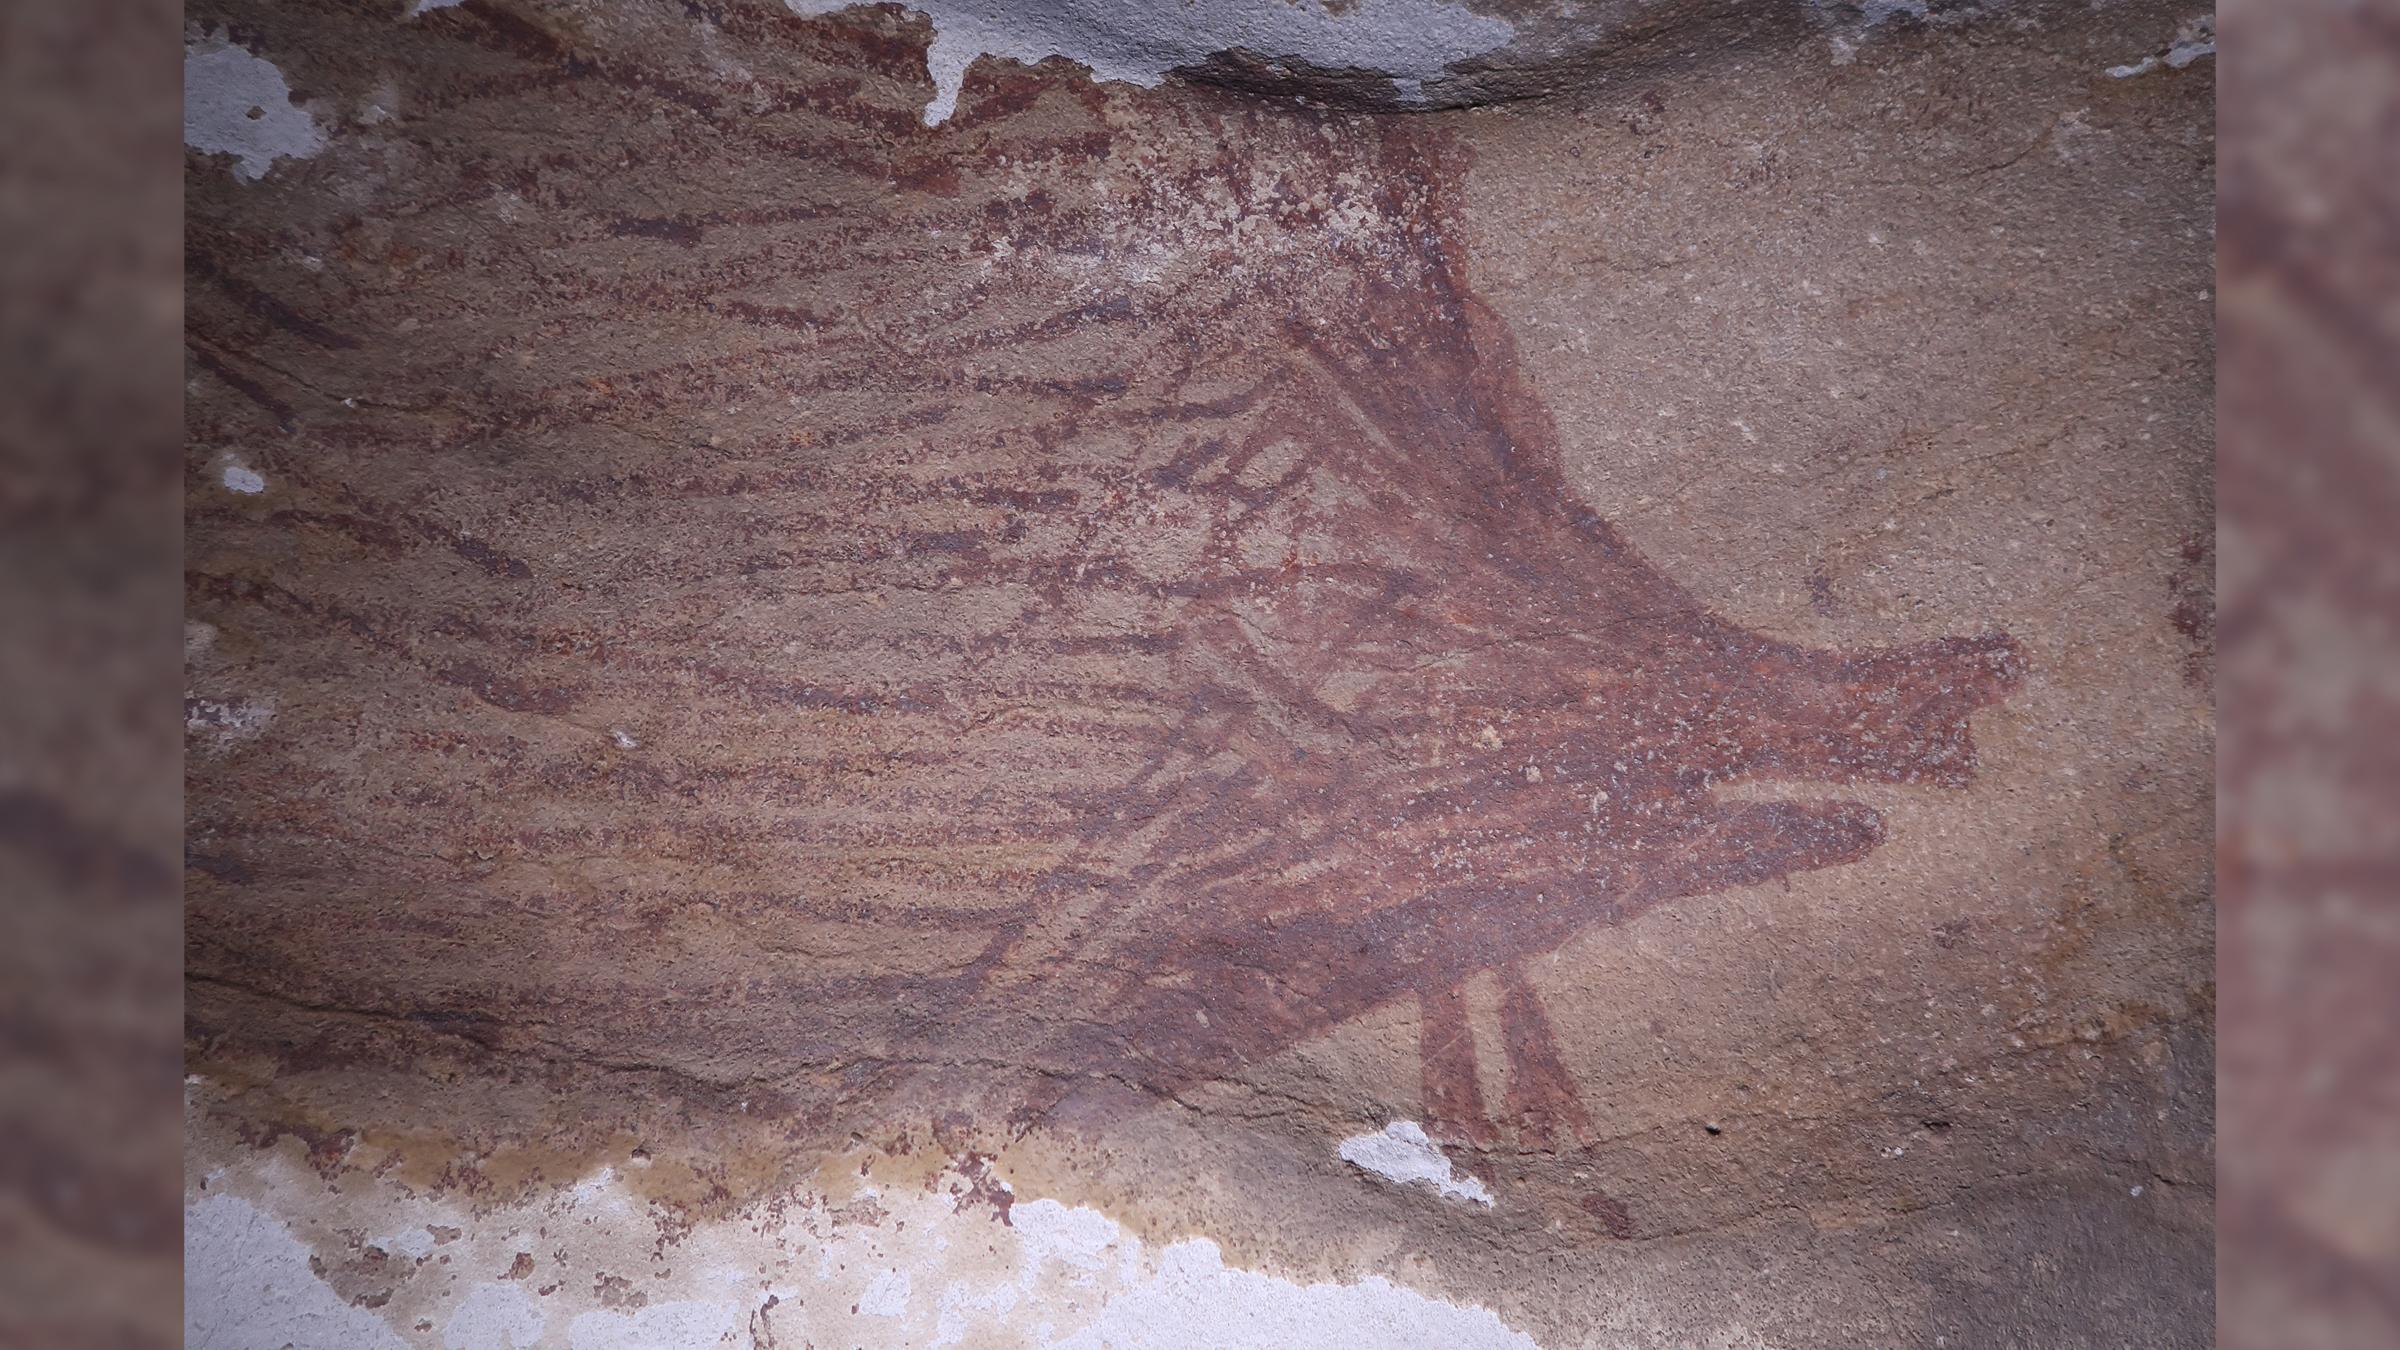 Le deuxième porc de la grotte Leang Tedongnge mesurait 4,1 sur 1,7 pieds (125 sur 53 cm).